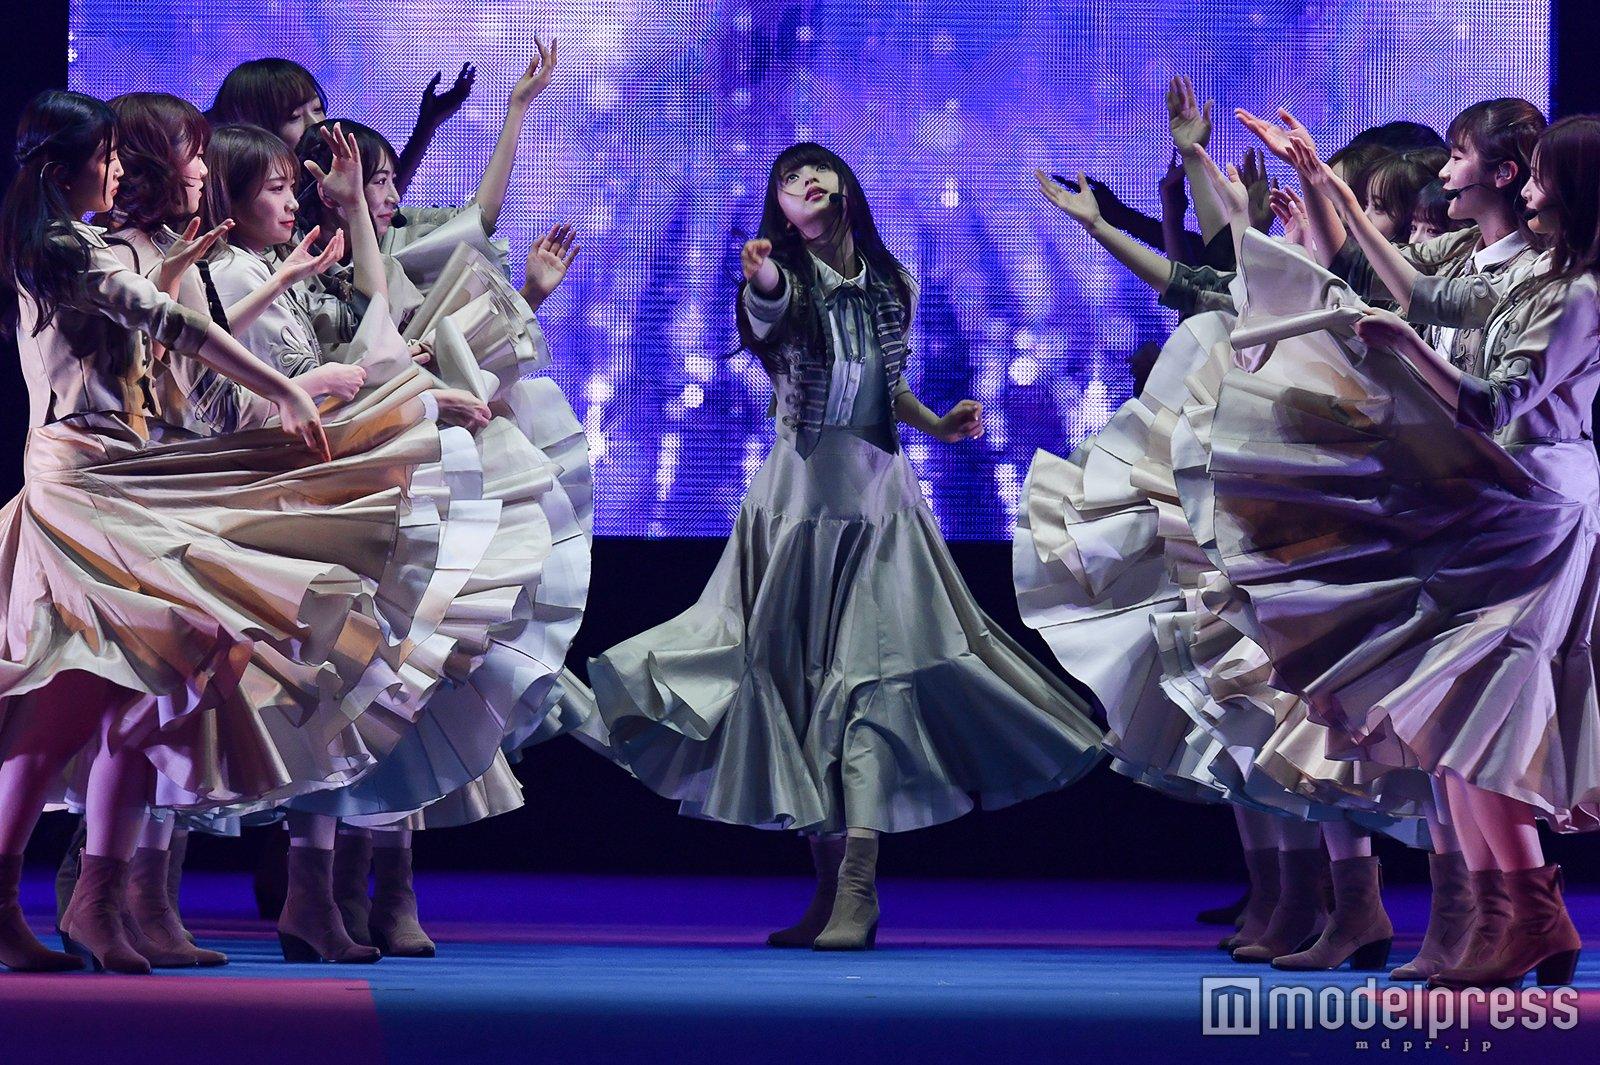 【ガルアワ2019S/S】乃木坂46「Sing Out!」齋藤飛鳥モーゼ